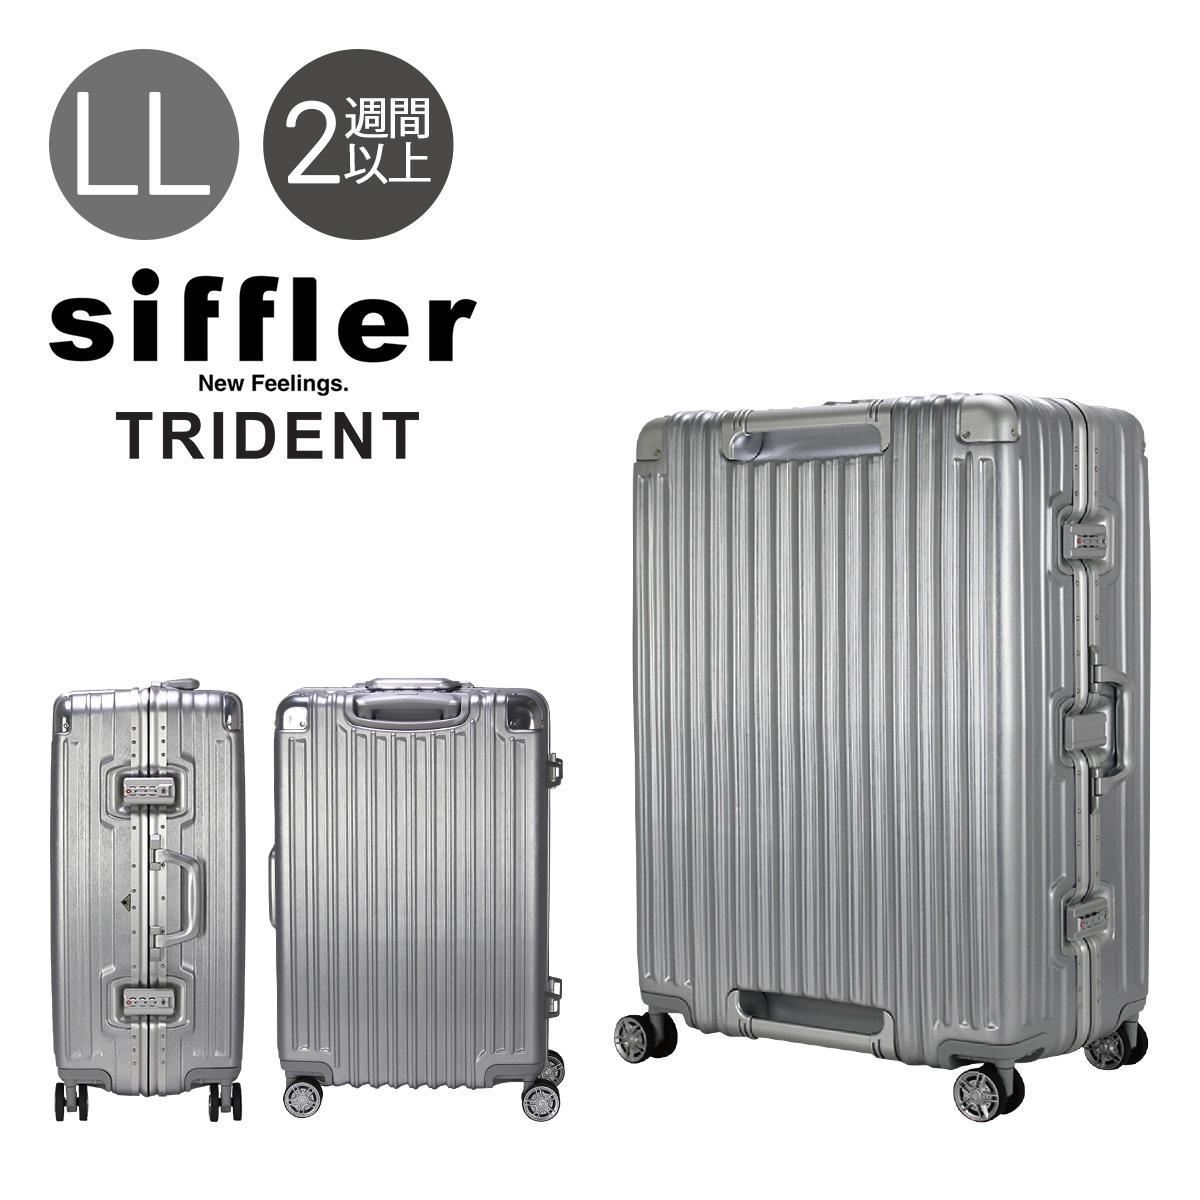 シフレ スーツケース 4輪|104L 75cm 6.2kg トライデント TRI1102-75|軽量 ハード フレーム Siffler|TSAロック搭載 キャリーバッグ キャリーケース[PO10]